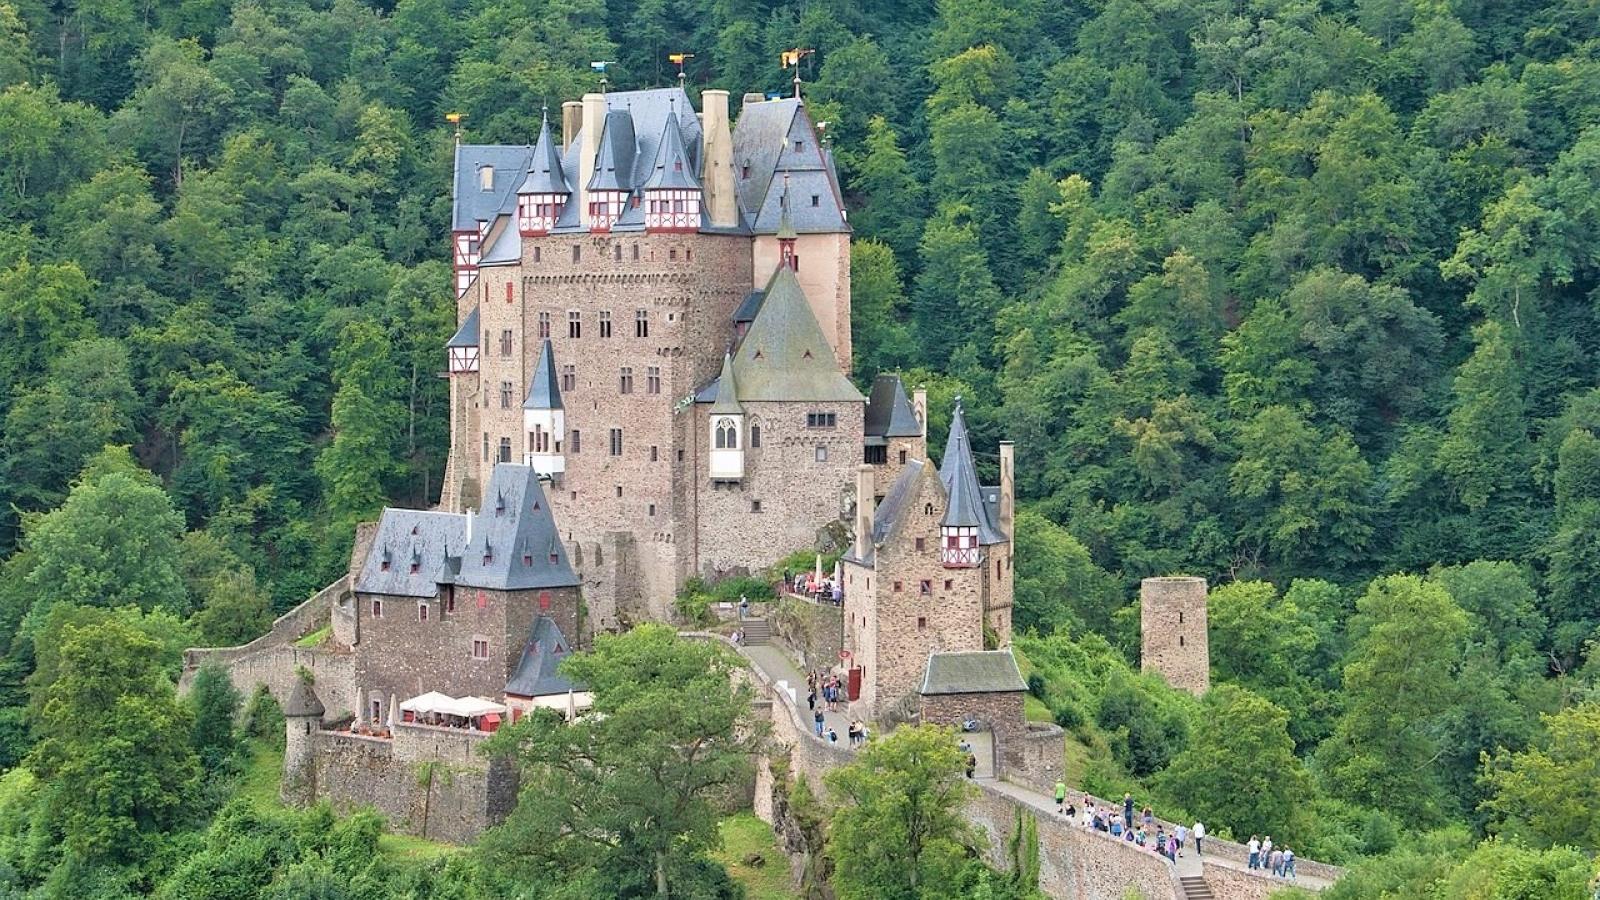 Điều gì làm cho lâu đài Eltz trở nên độc đáo và nổi tiếng?